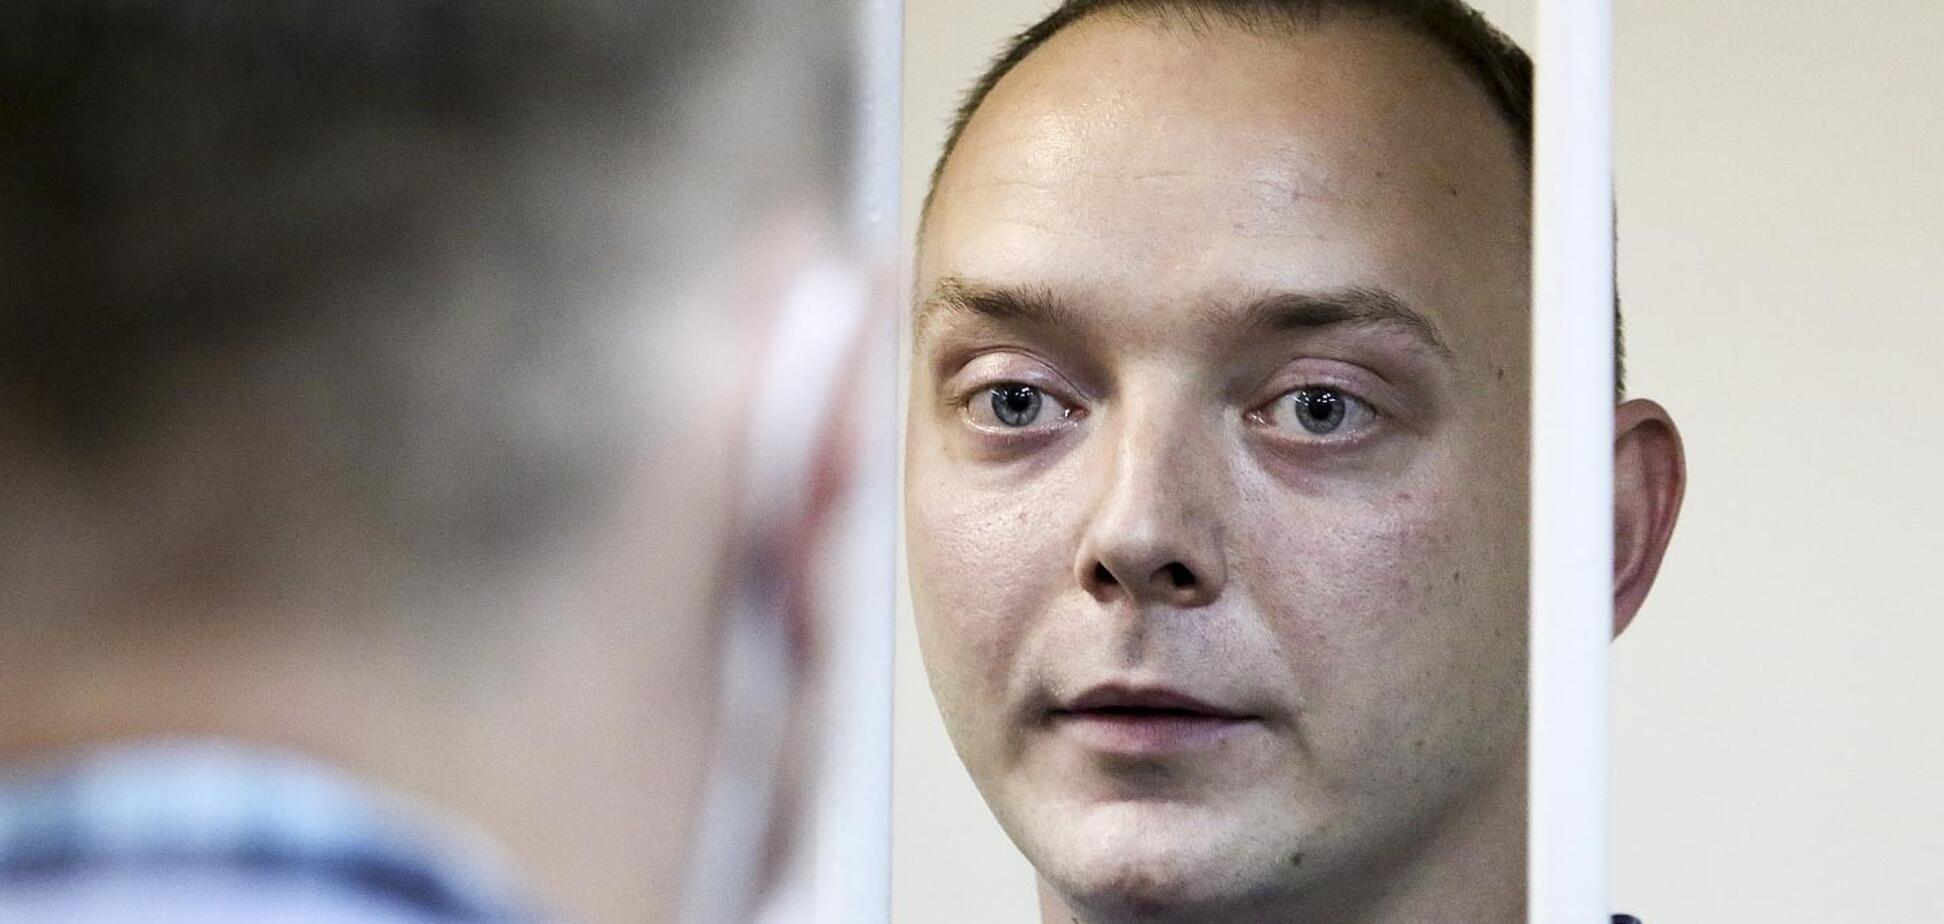 Сафронов якобы был завербован в 2012 году